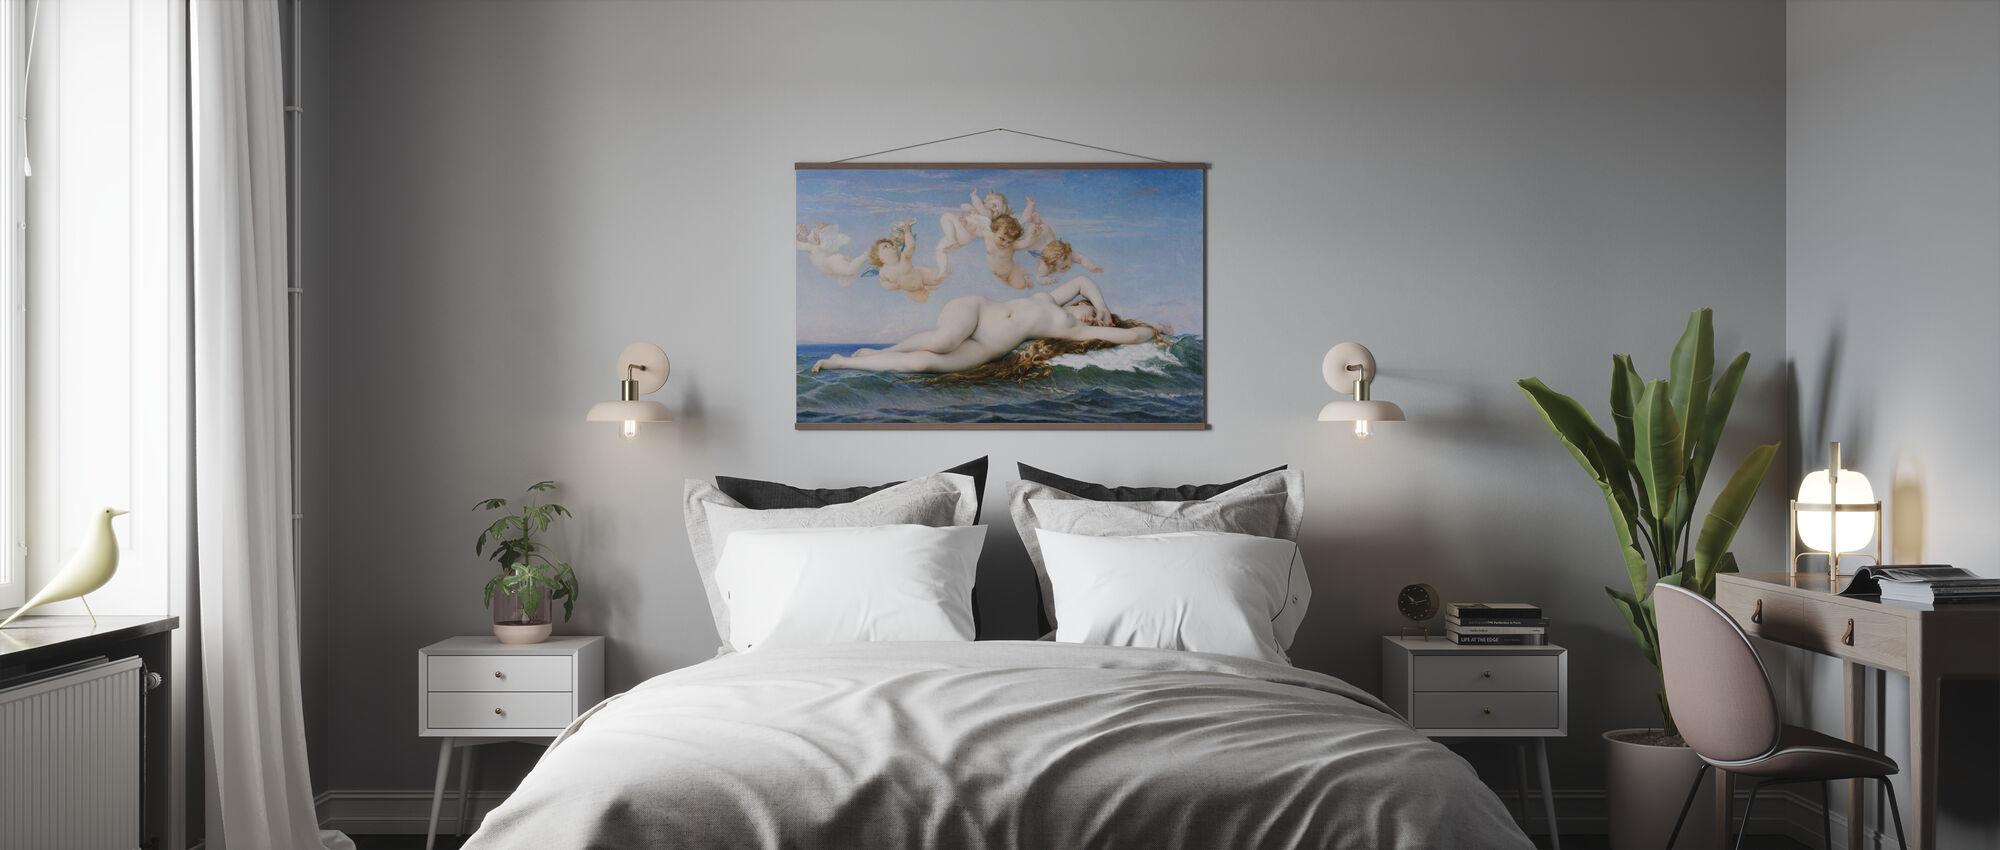 Geburt der Venus, Alexandre Cabanel - Poster - Schlafzimmer